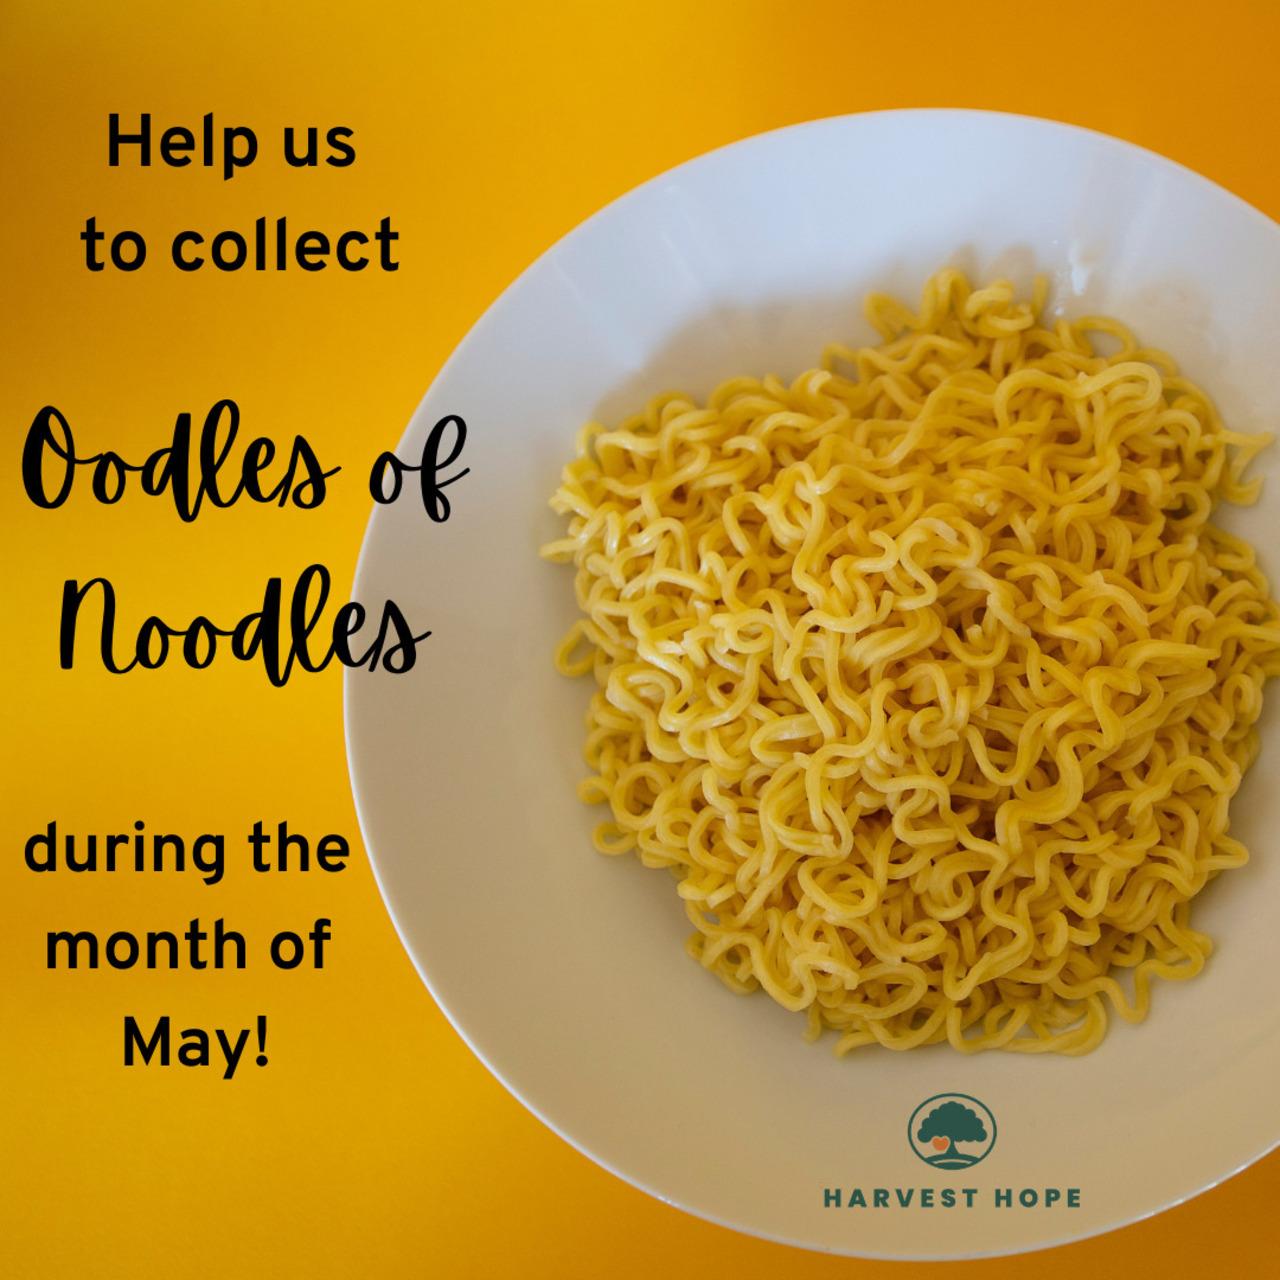 Oodles of Noodles Drive for Harvest Hope